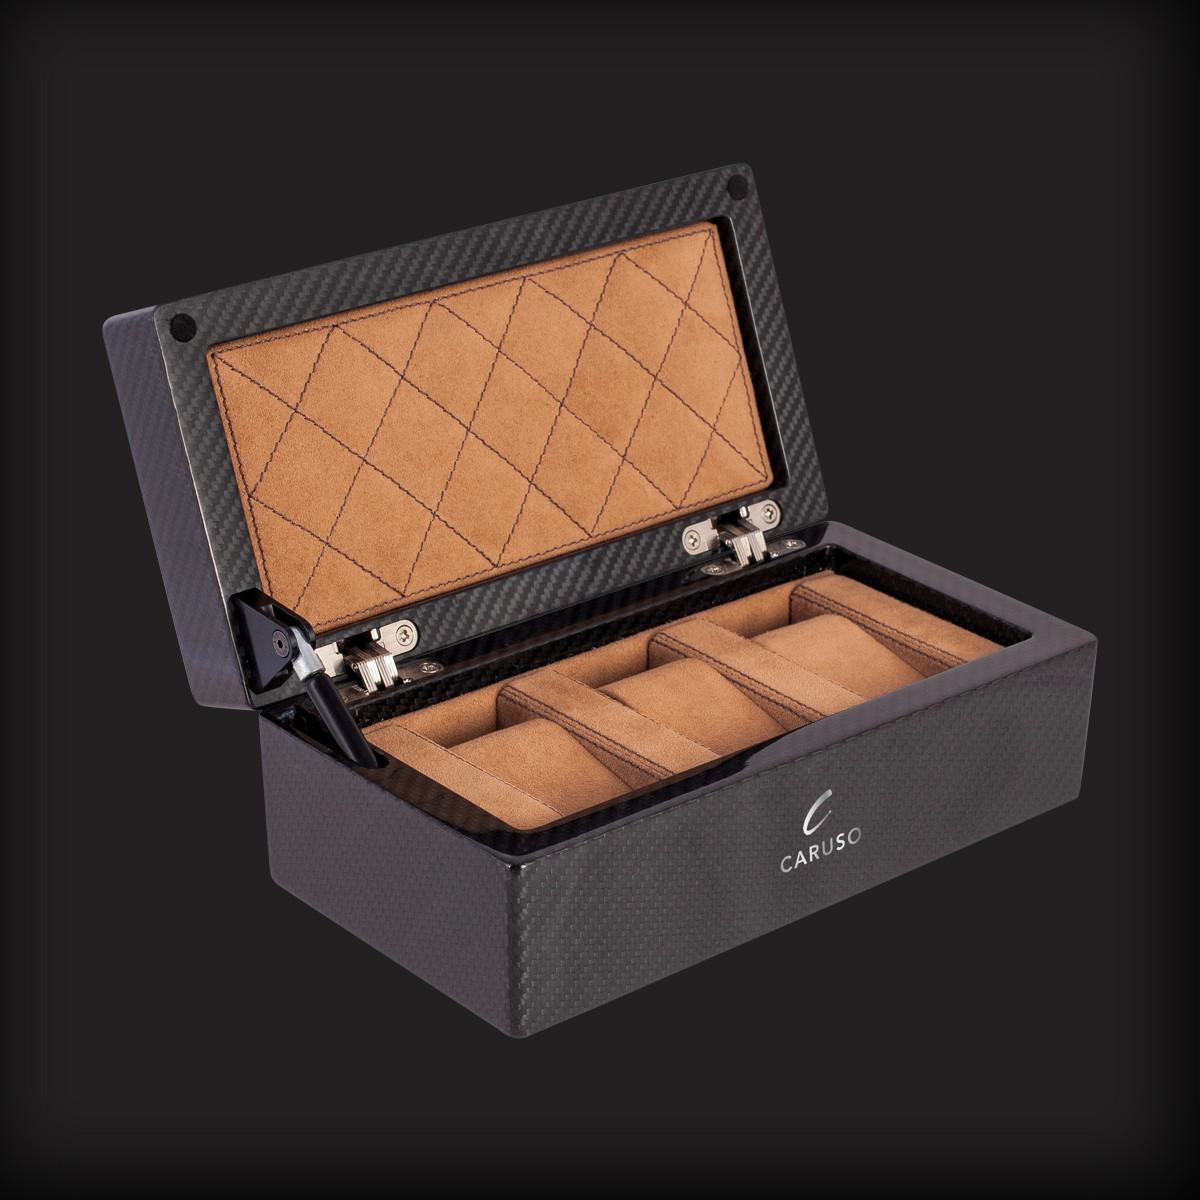 CARUSO Box